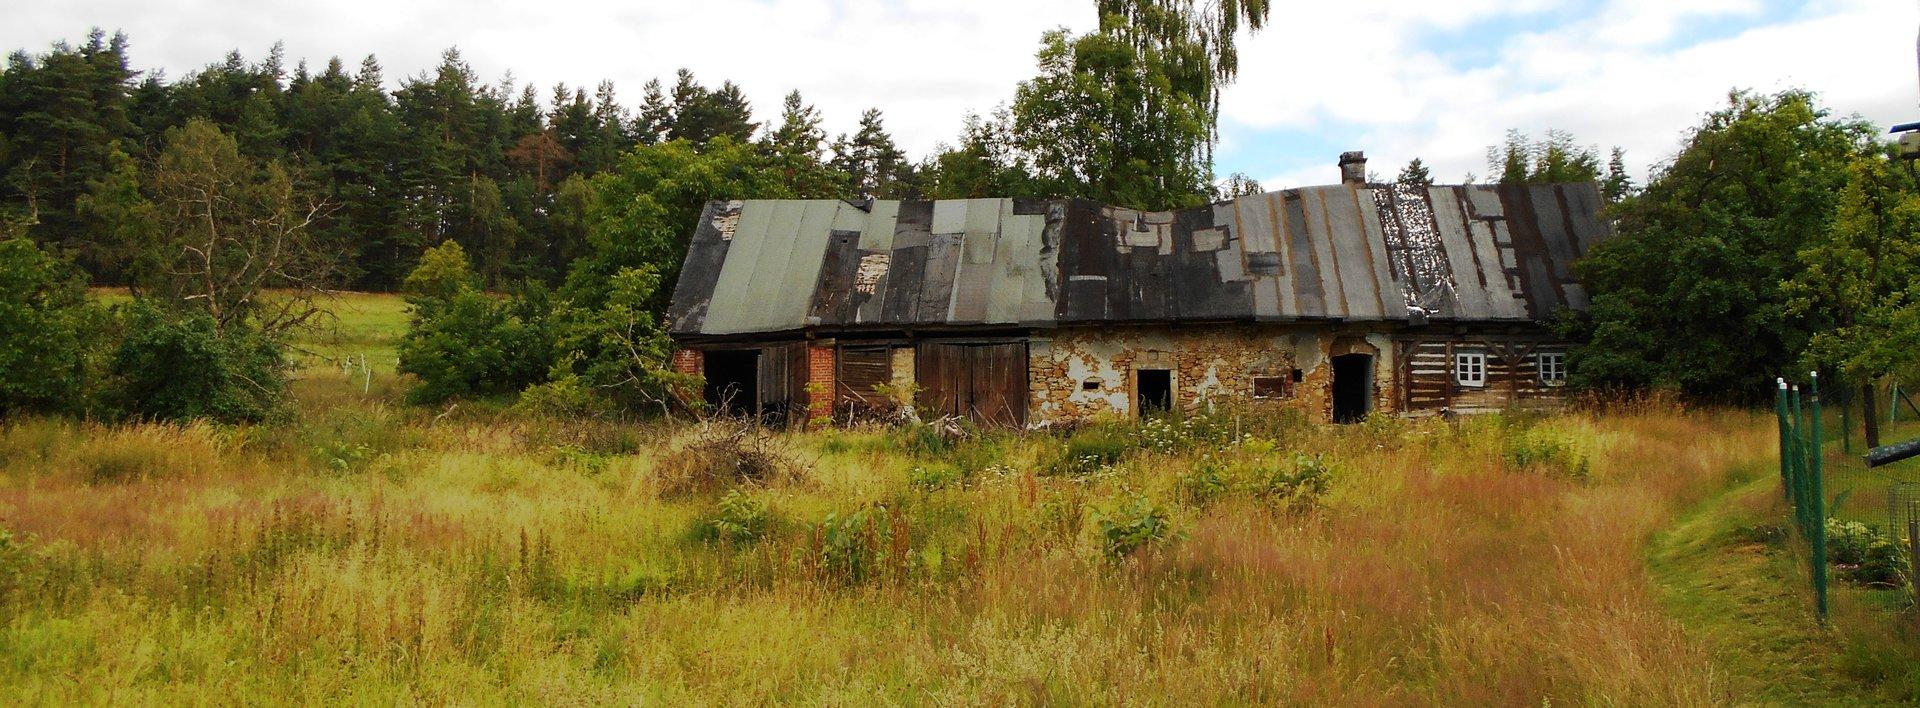 Prodej pozemků včetně zbořeniště v obci Všelibice u Českého Dubu, Ev.č.: N47764